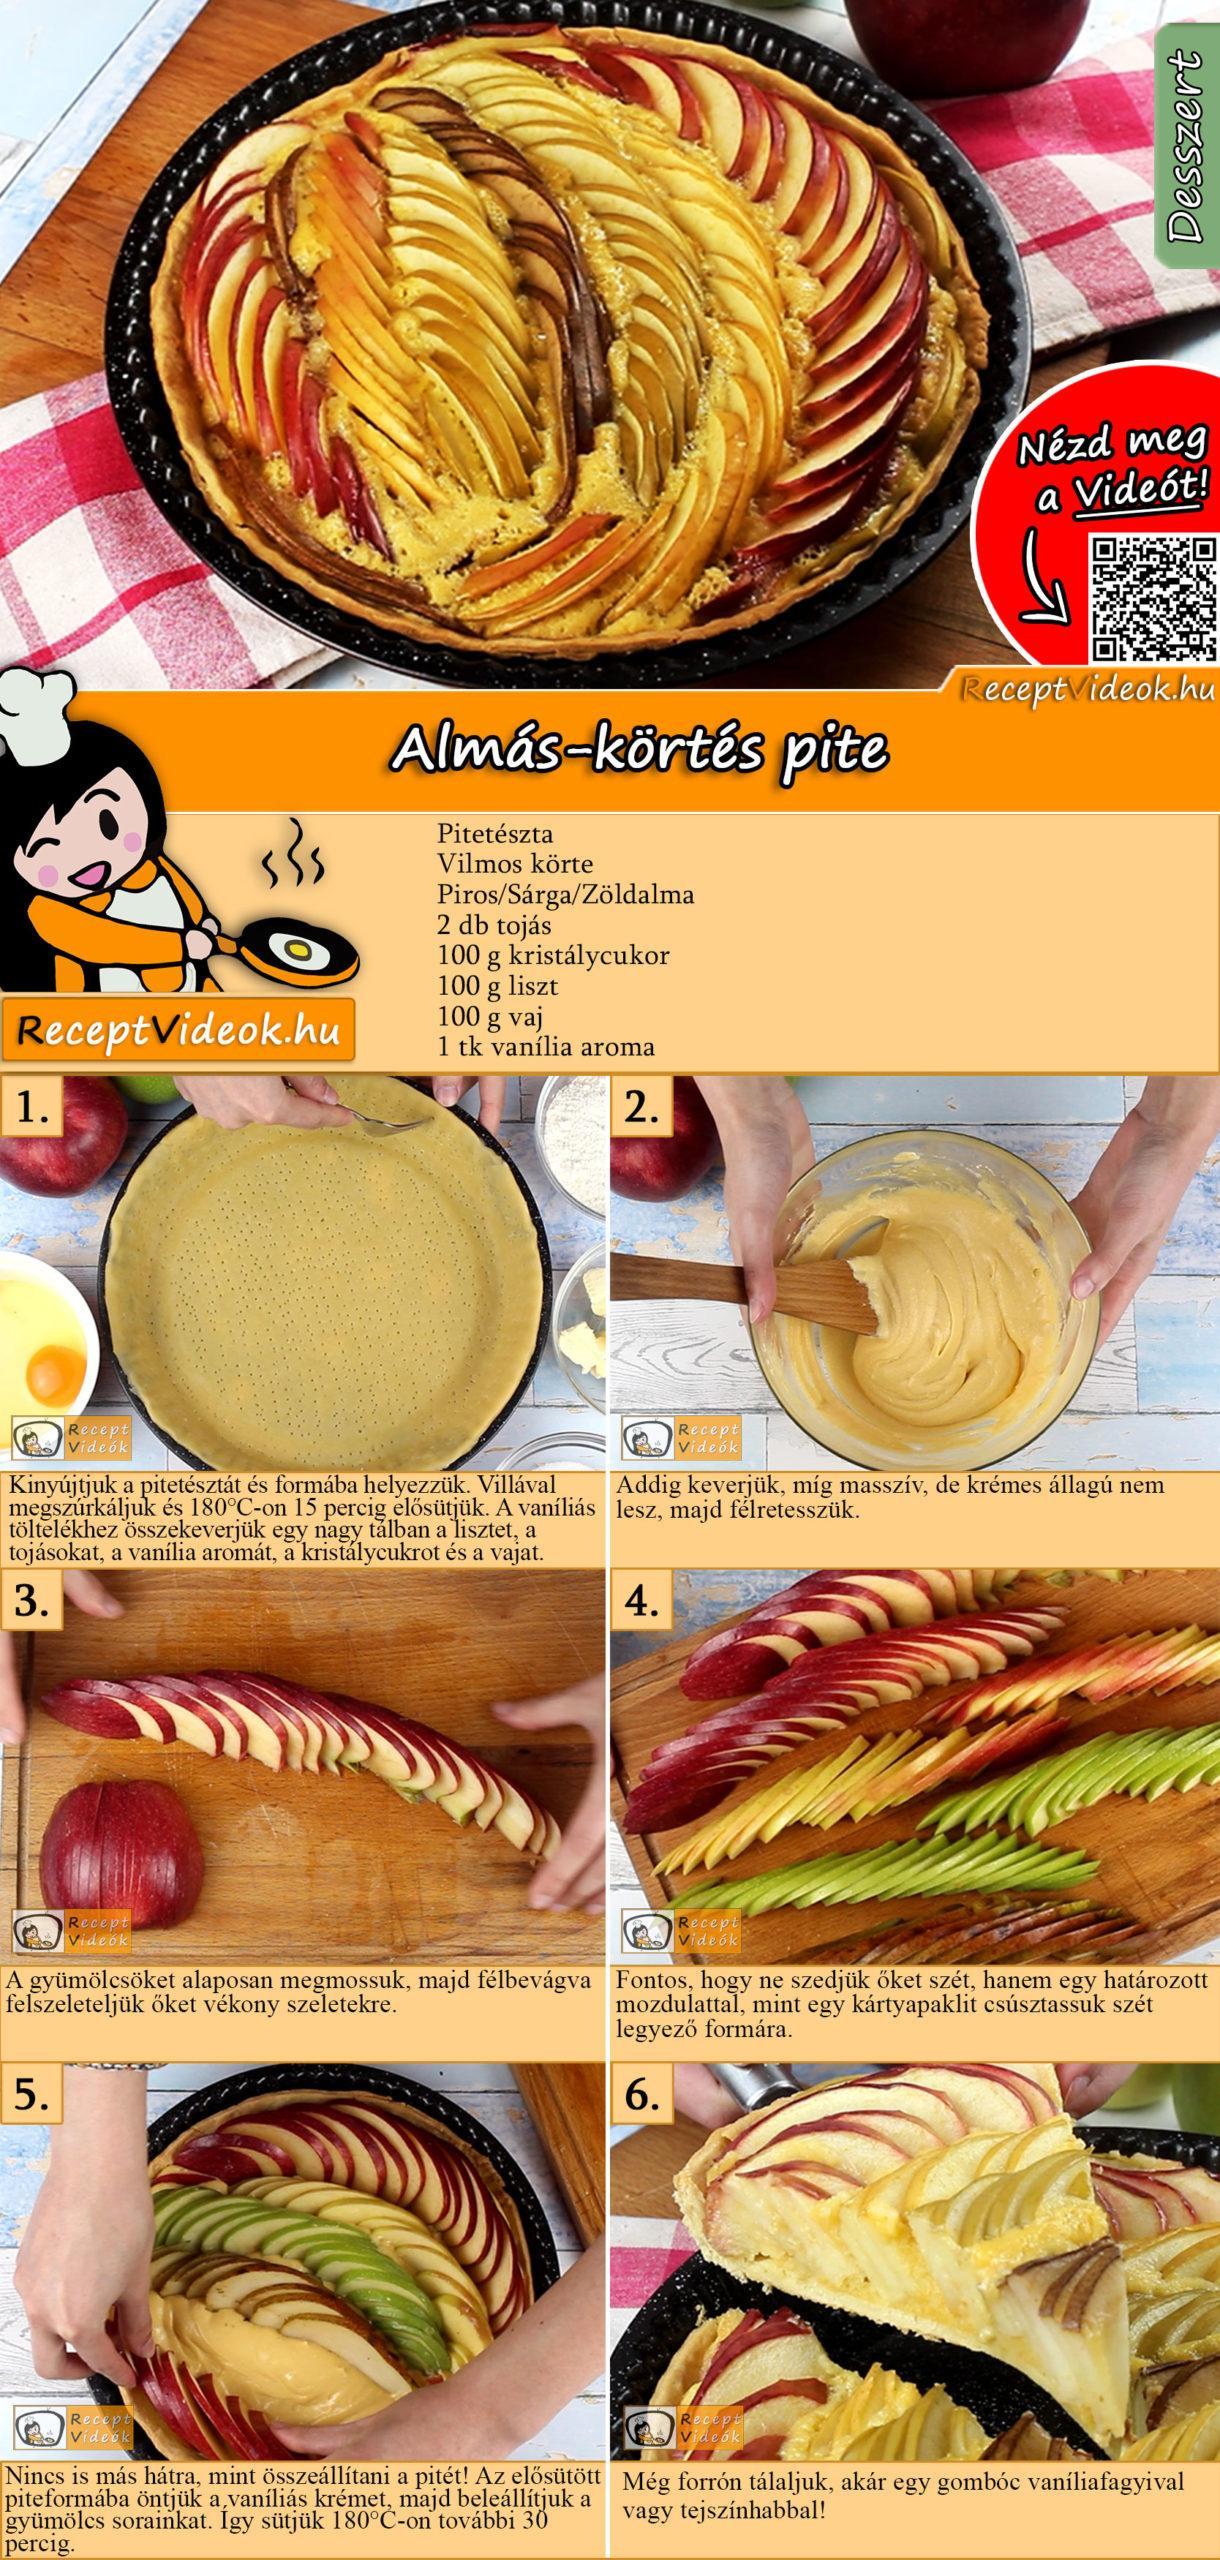 Almás-körtés pite recept elkészítése videóval